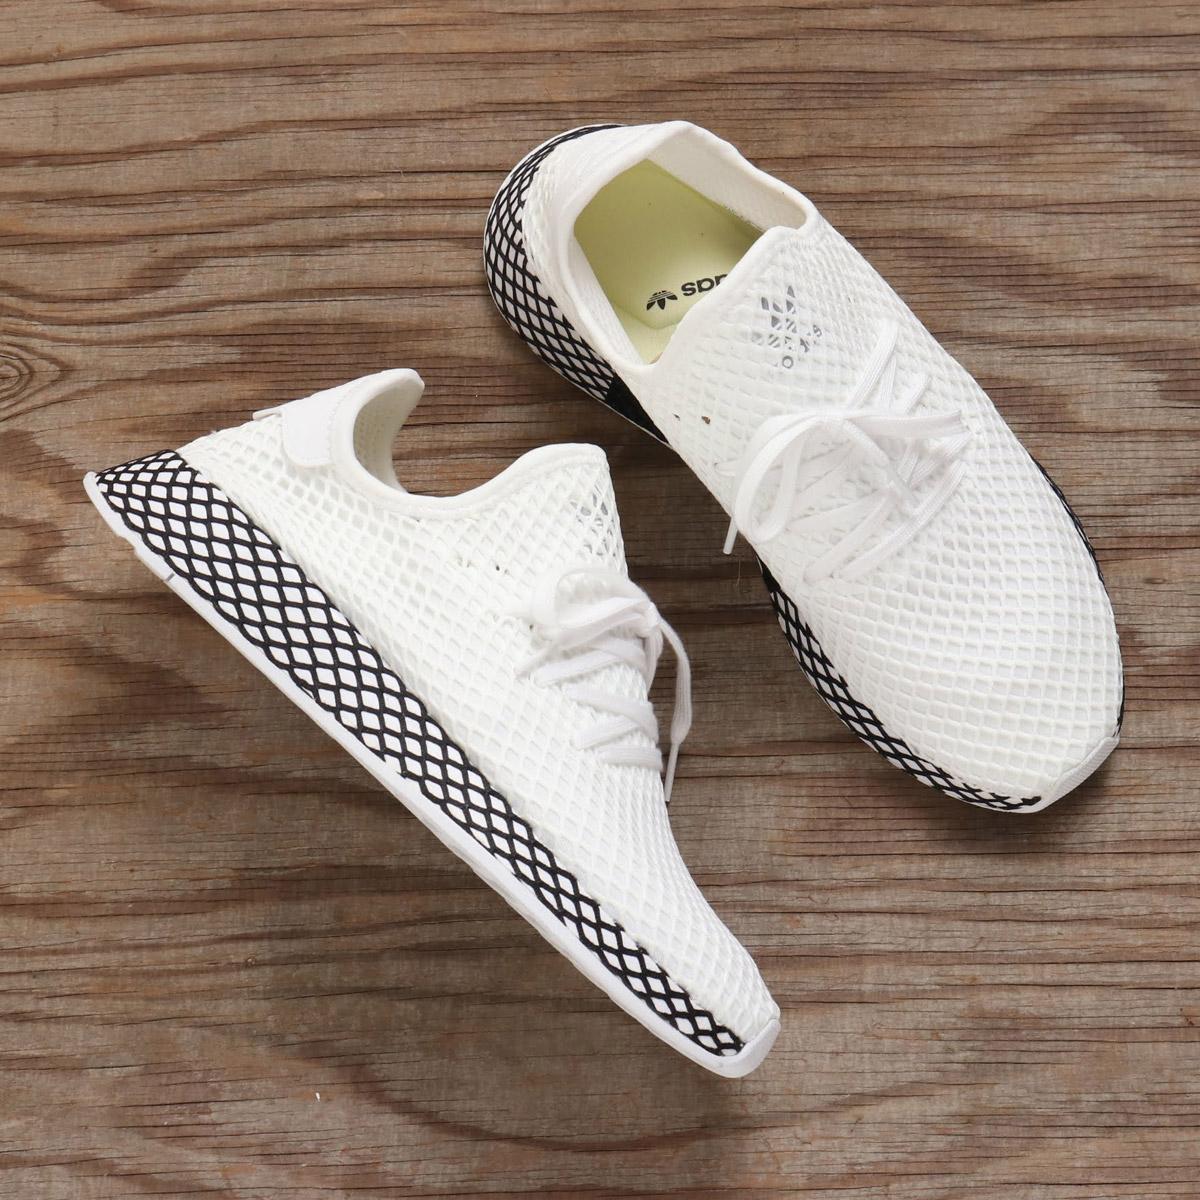 adidas Originals DEERUPT RUNNER (アディダスオリジナルスディラプトランナー) RUNNING WHITERUNNING WHITECORE BLACK 18FA I